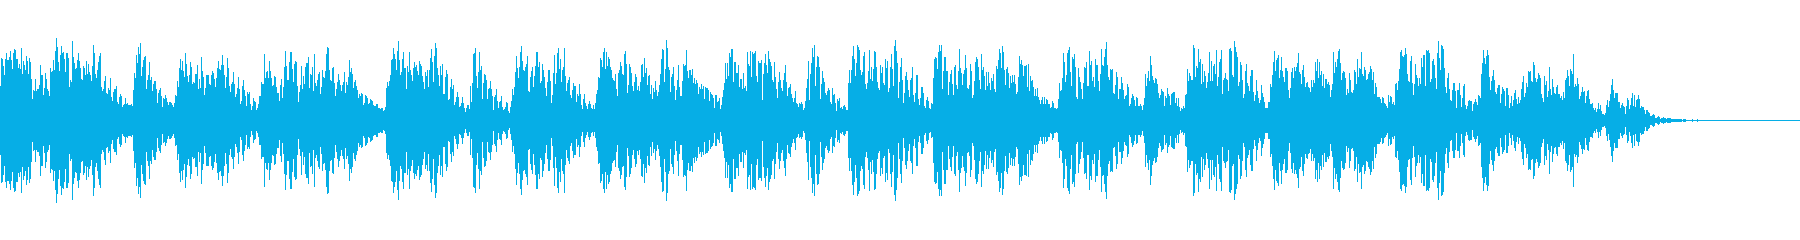 ラバーベッドの再生済みの波形